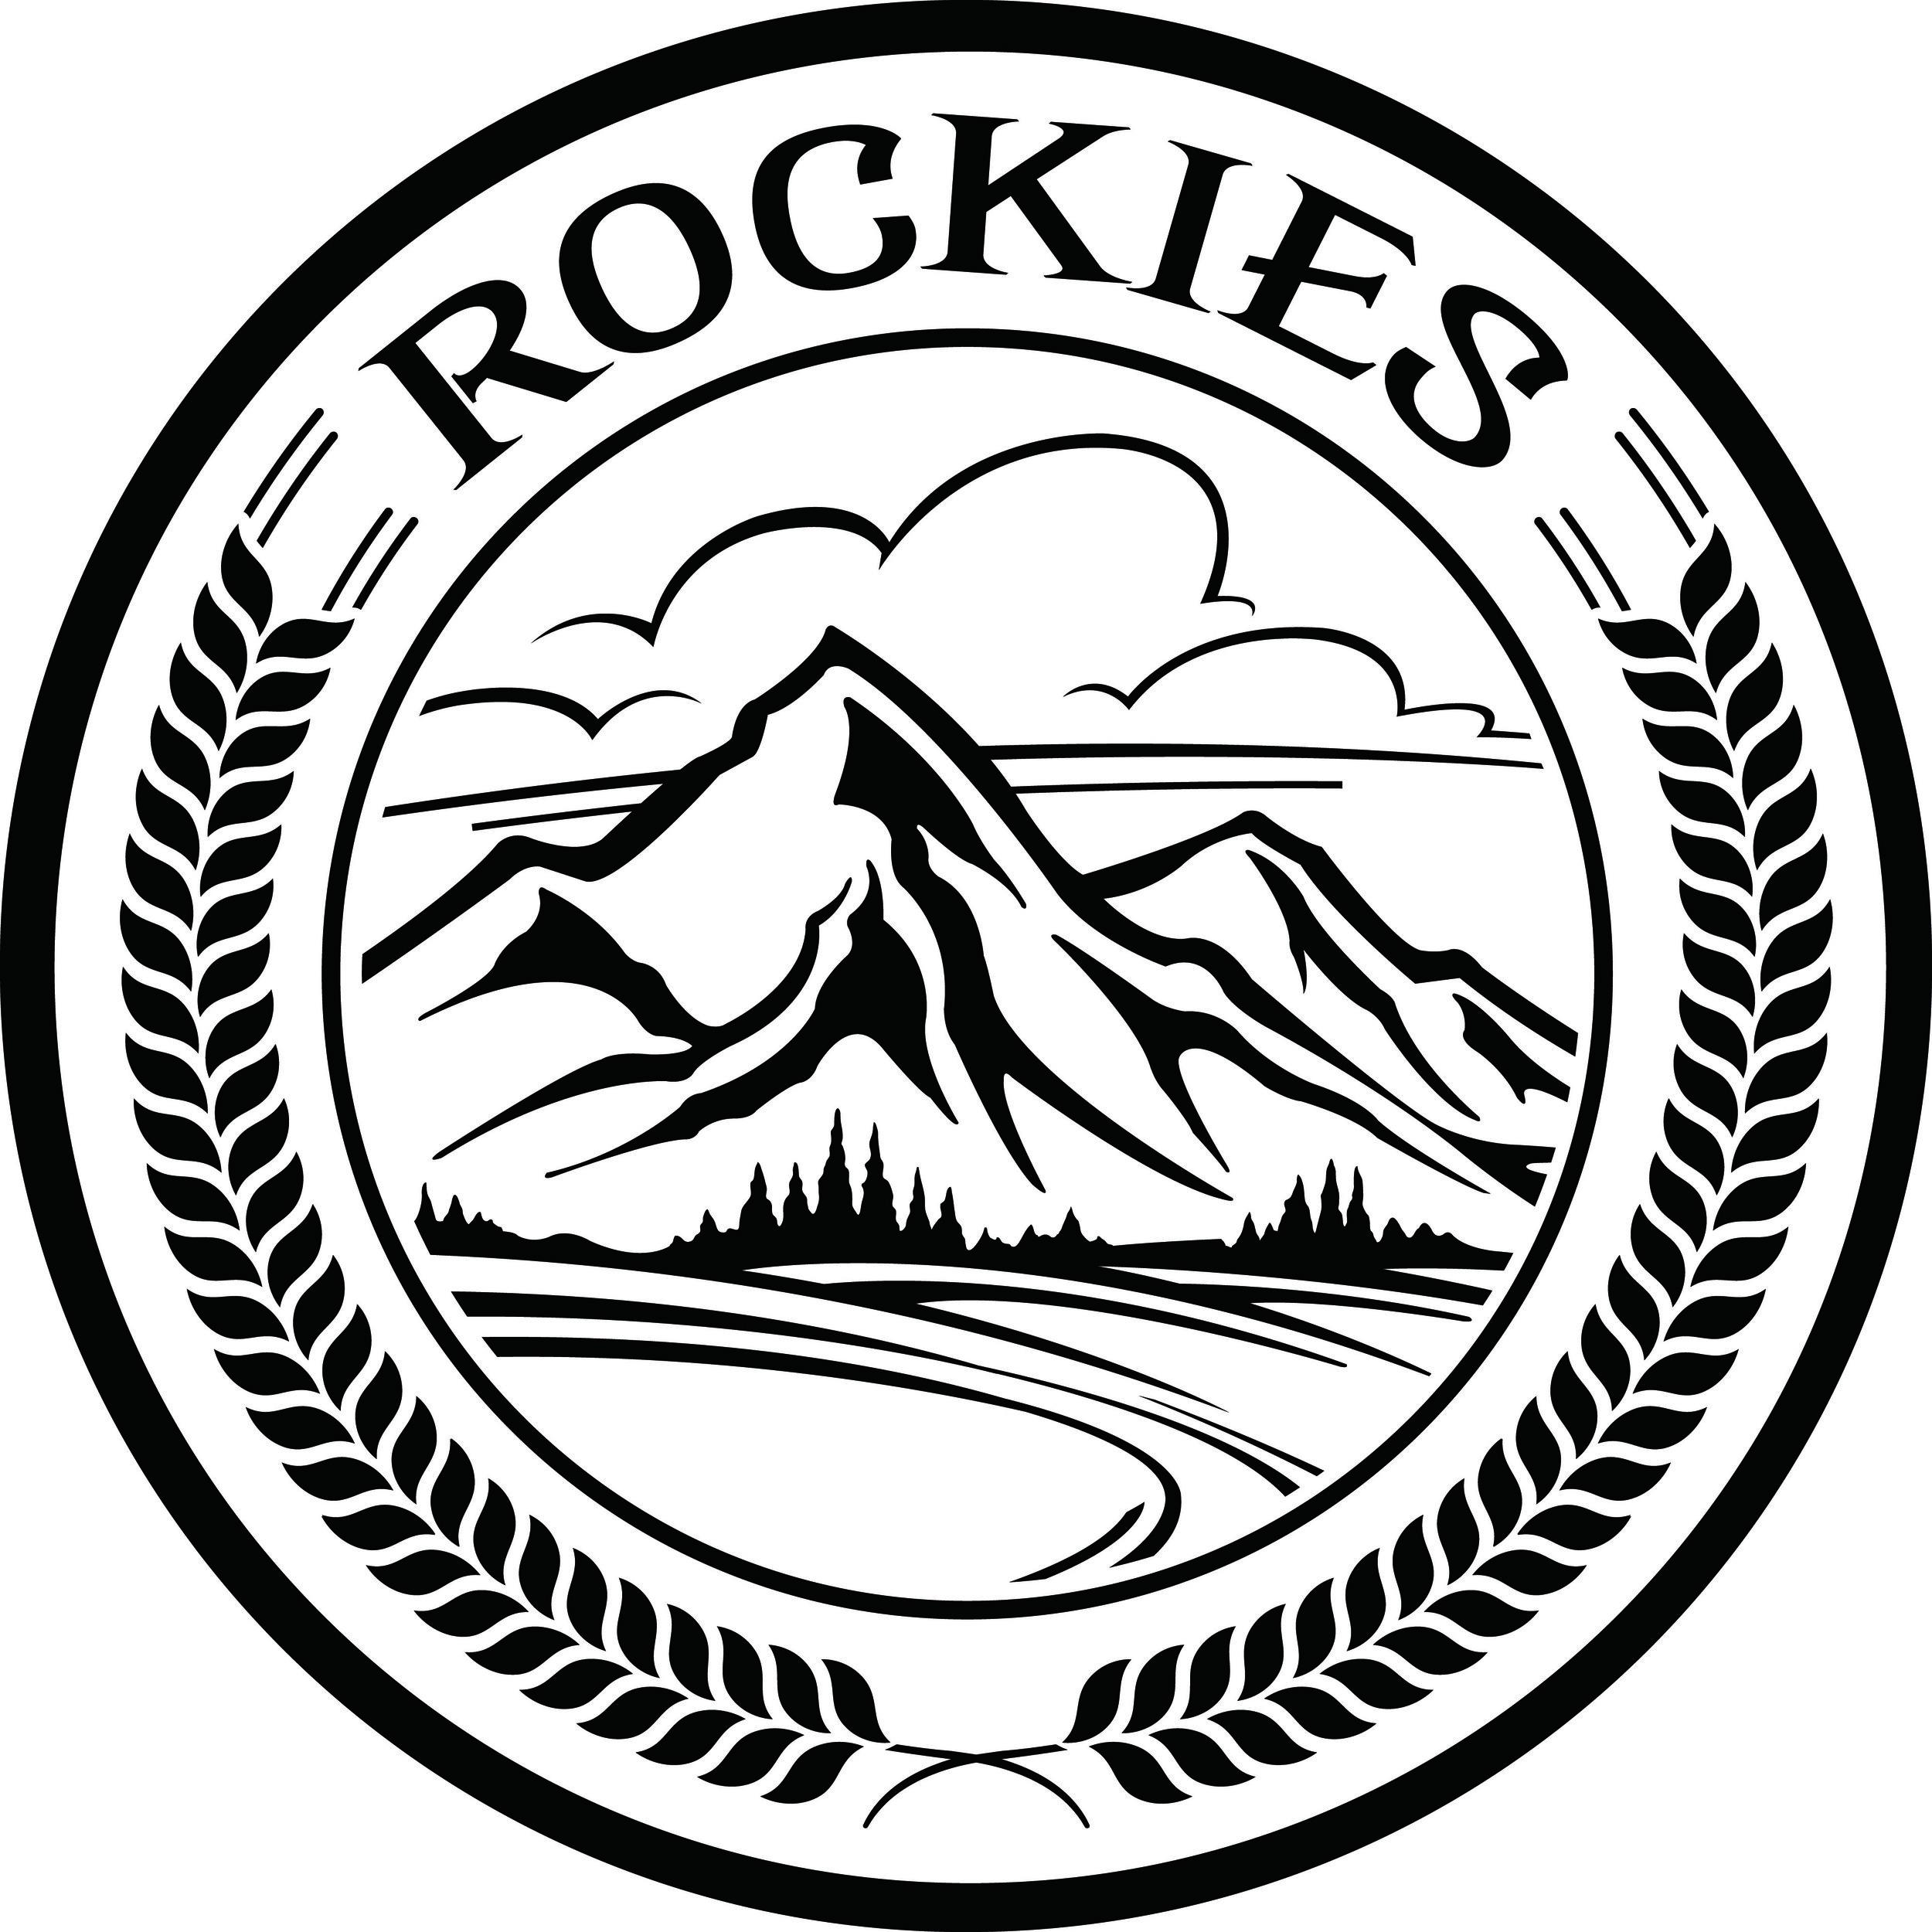 Rockies 3.jpg